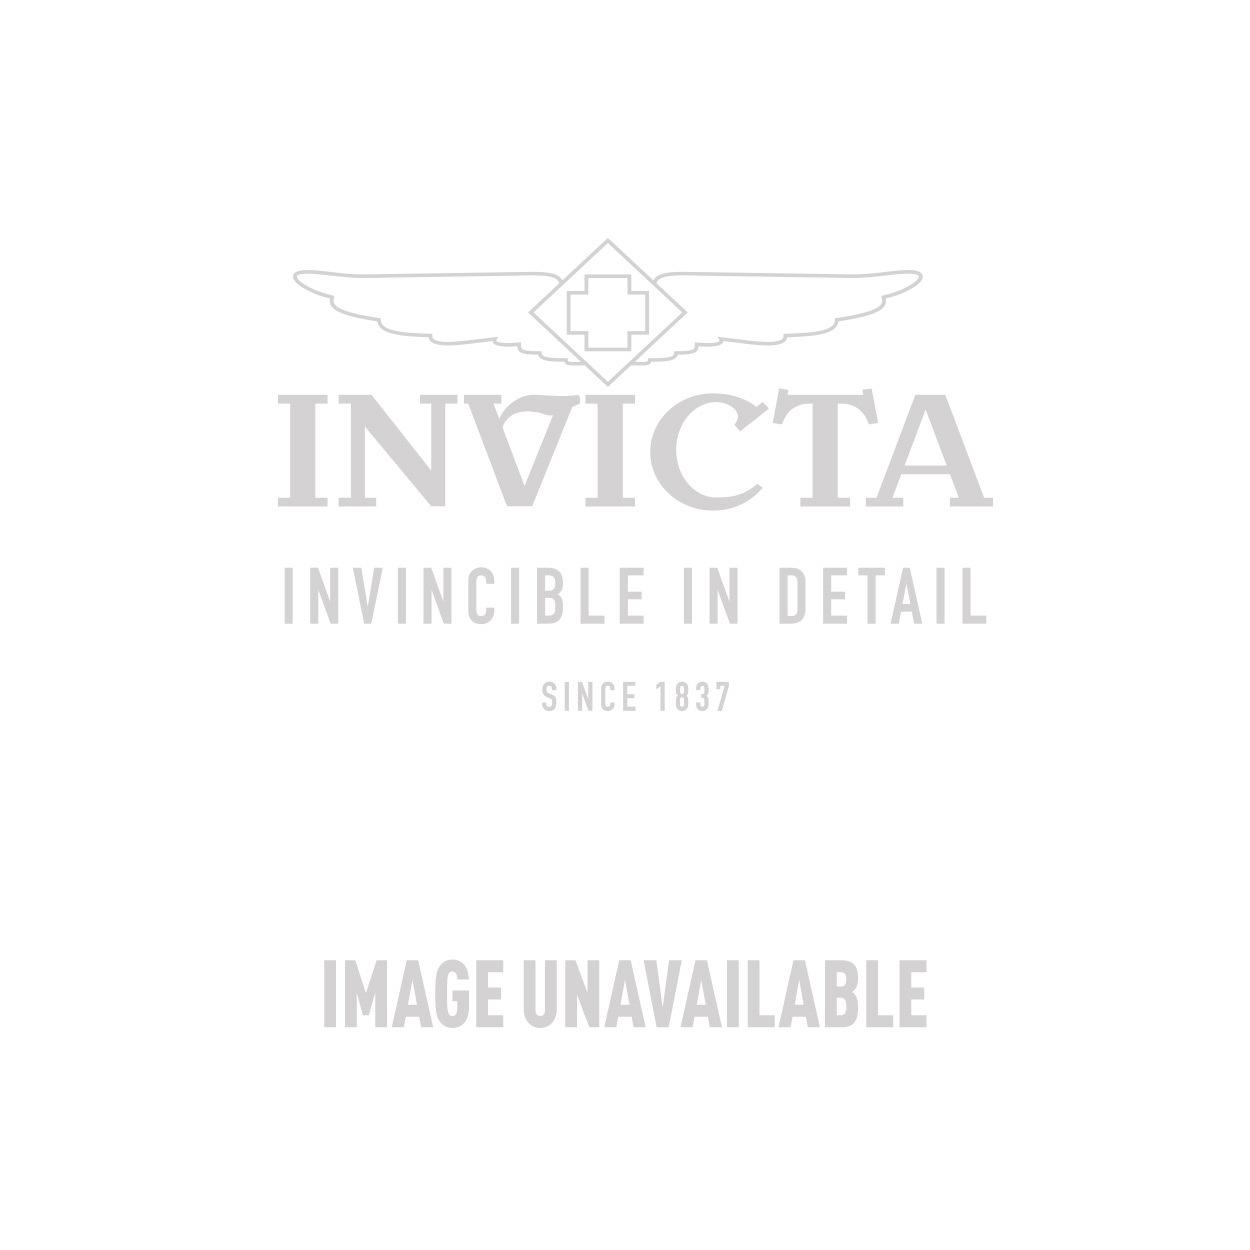 Invicta Model 22989